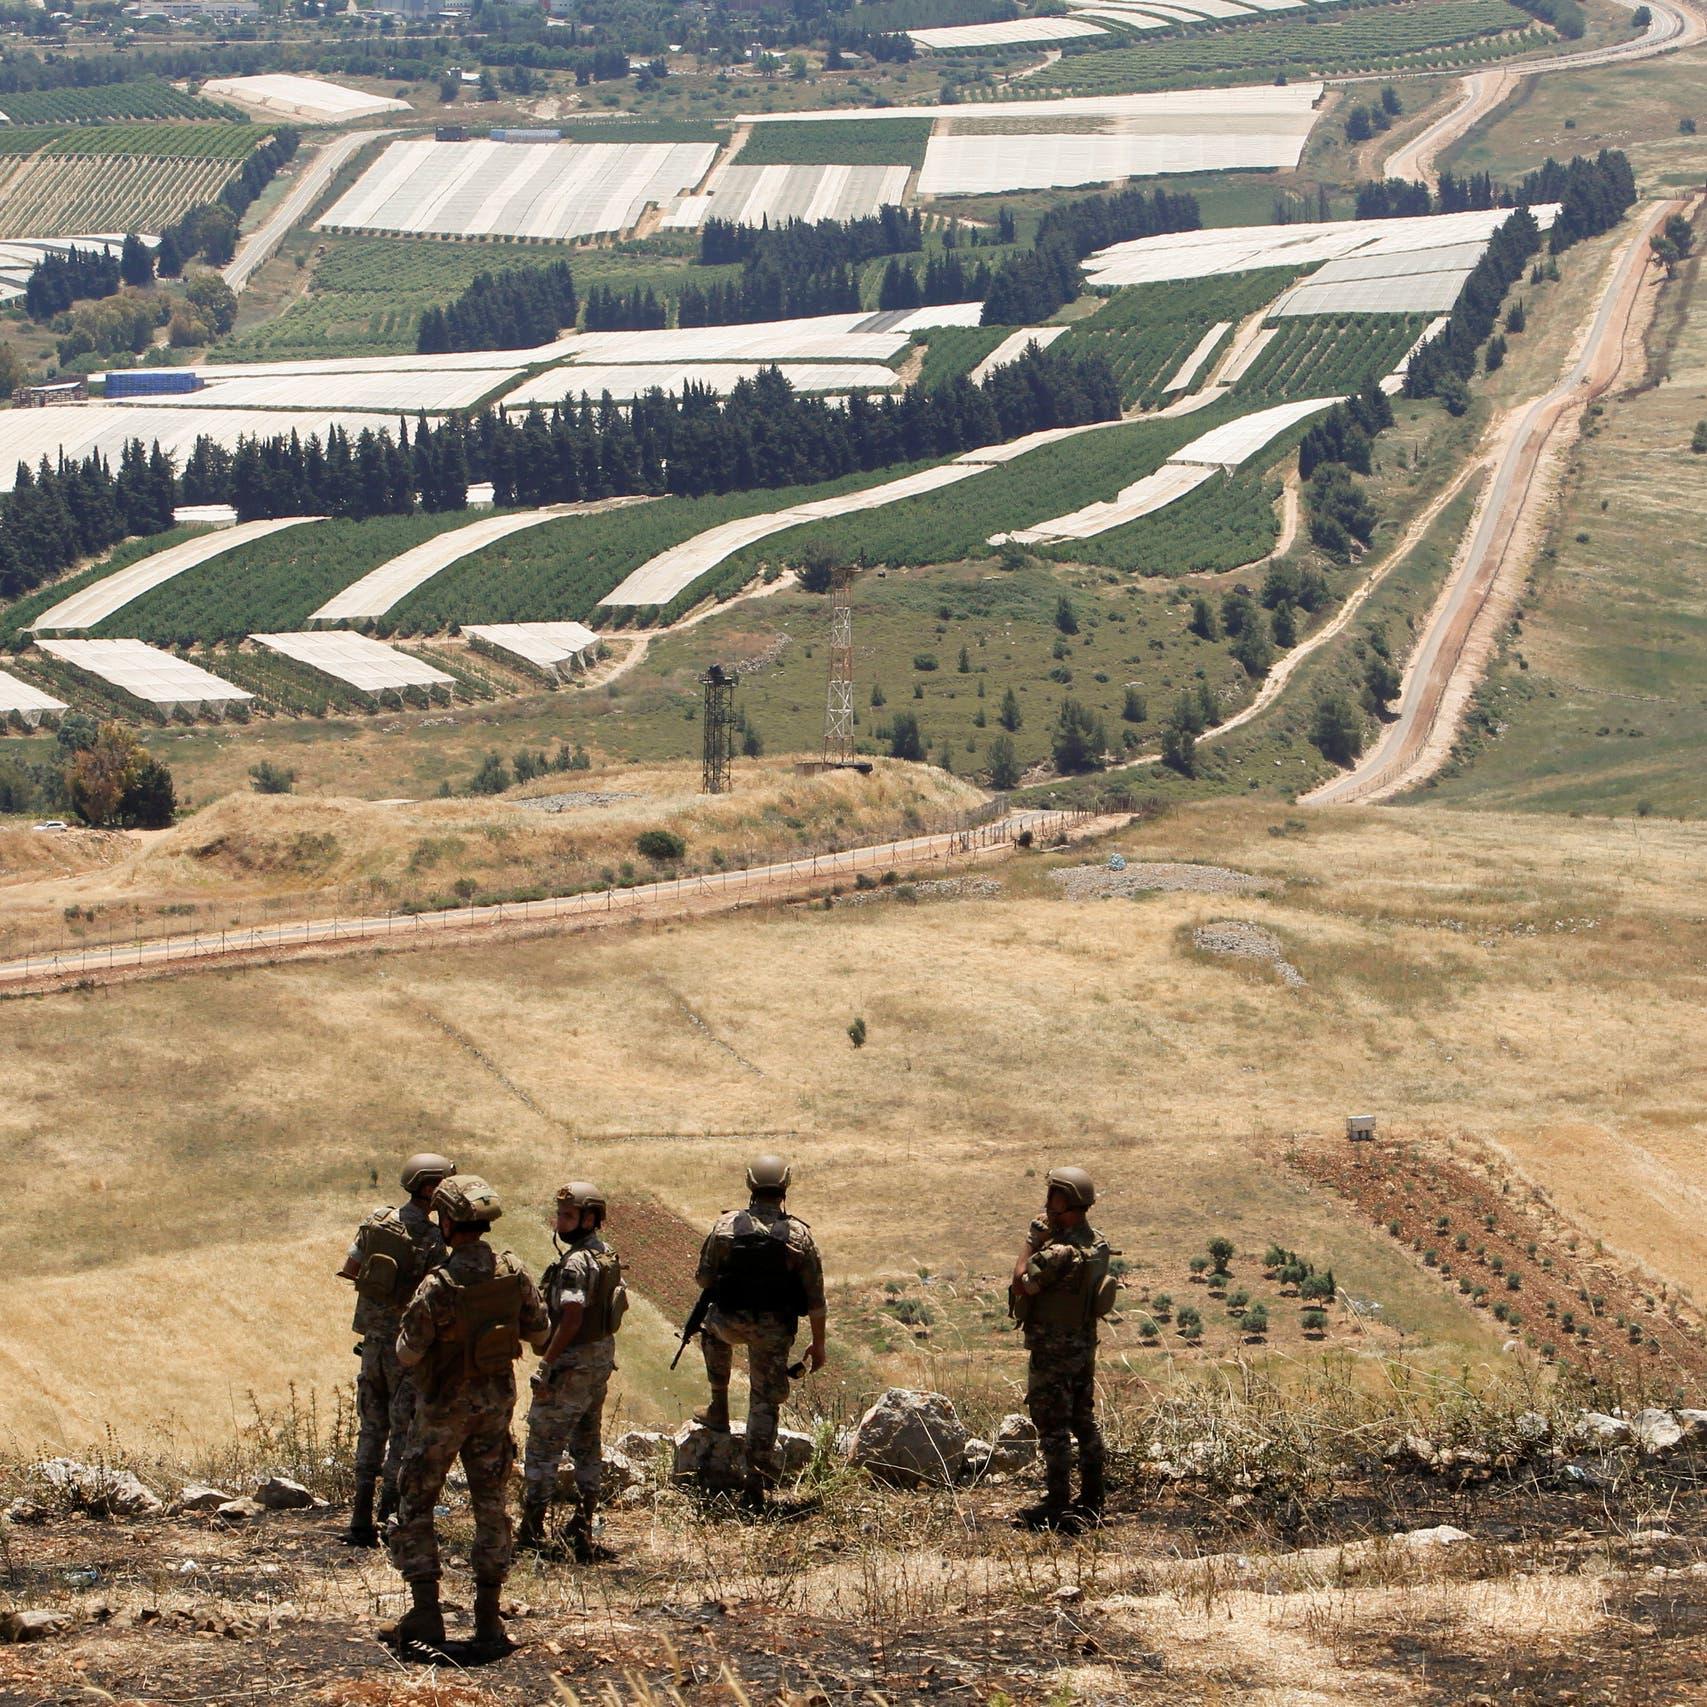 قواتها تتأهب على حدود لبنان.. إسرائيل: مستعدون لأي عمليات عسكرية